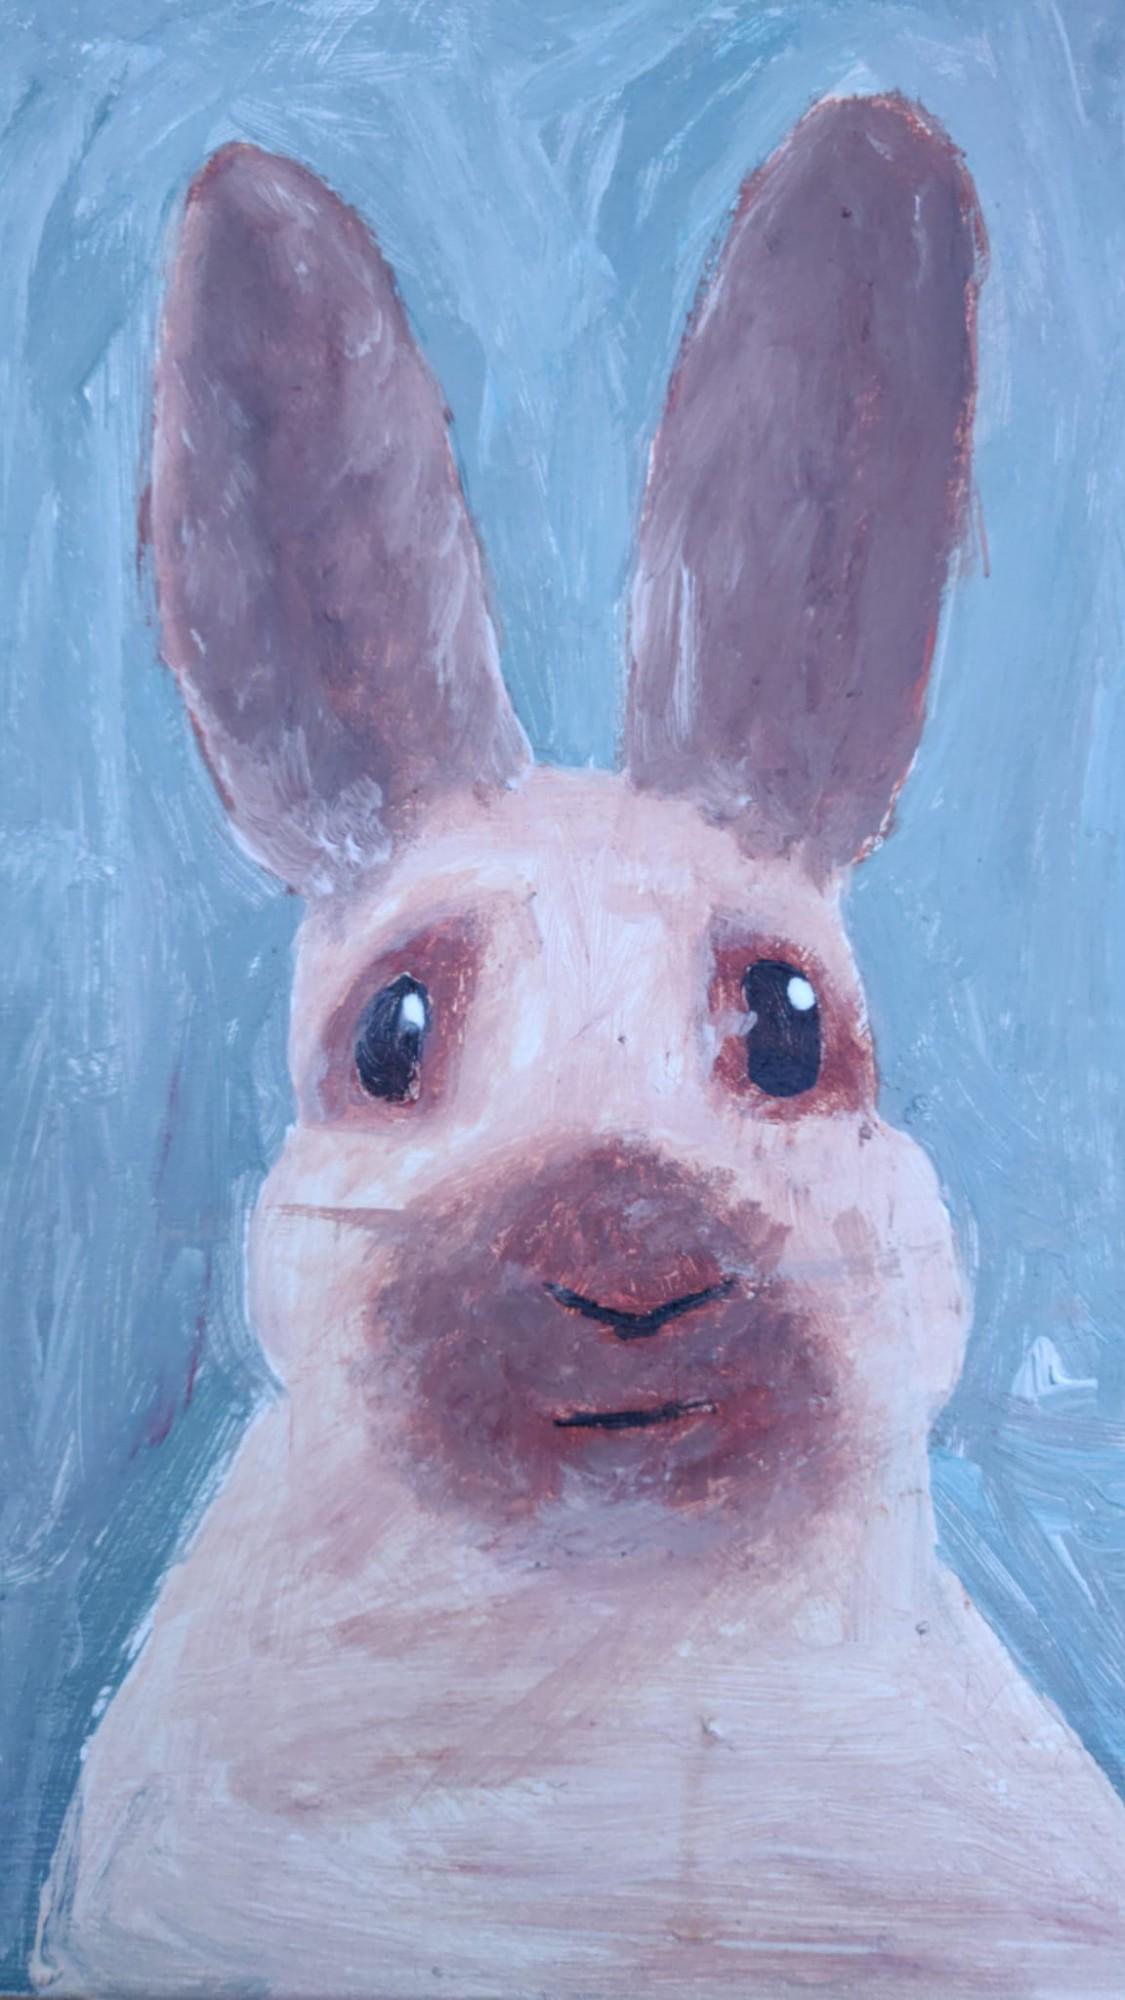 Зайчик-  наш тотемный зверь.У Саши целая коллекция. Сегодня на день рождения ему Анна ещё одного нарисовала.